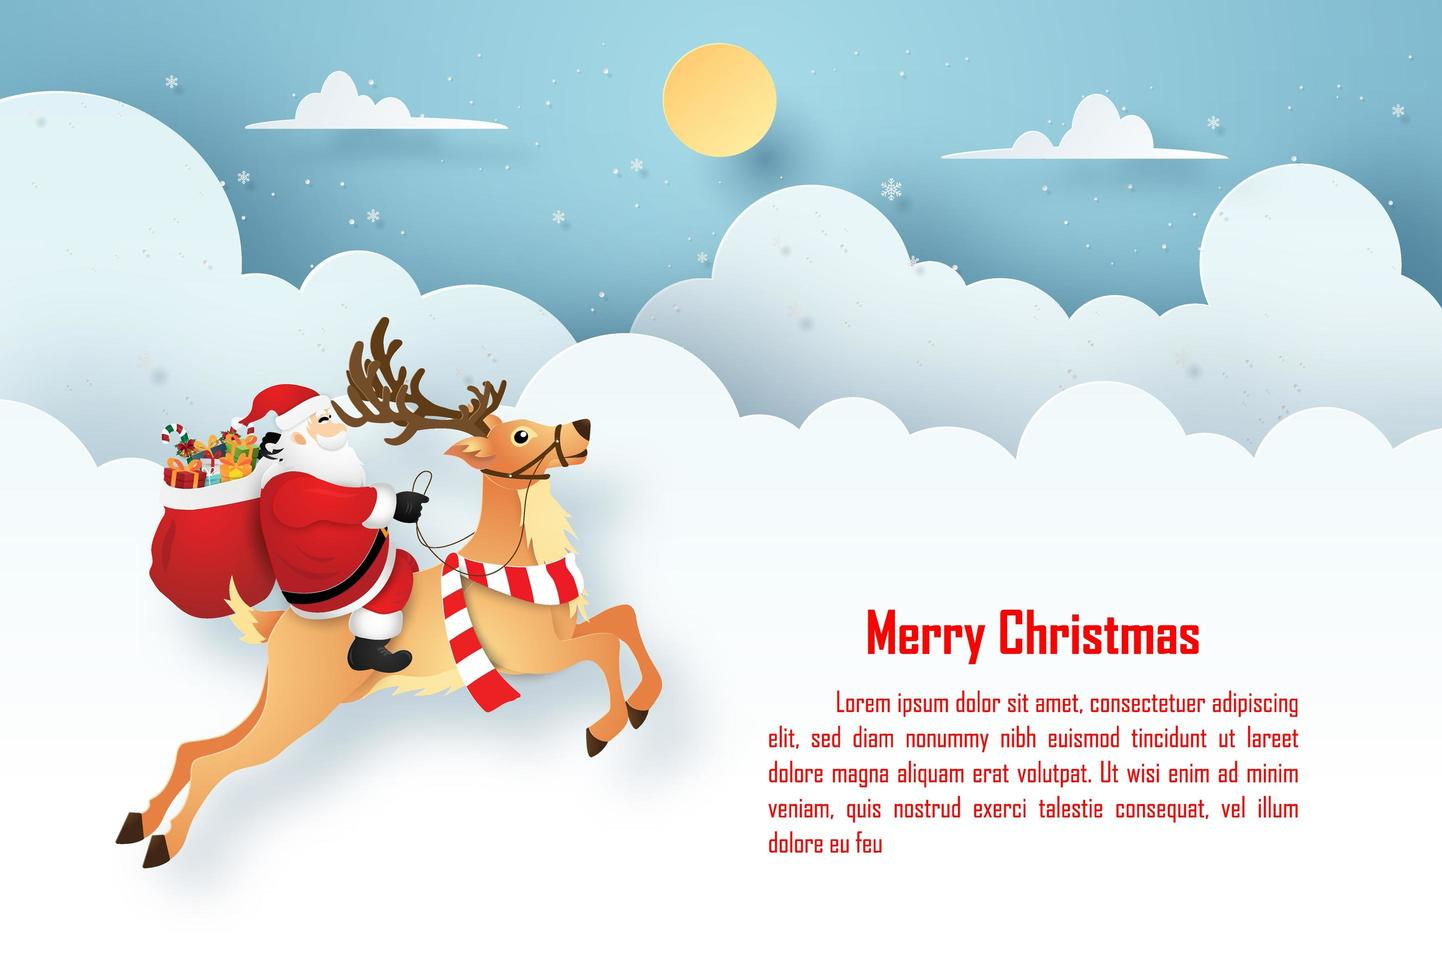 Arte de papel de origami postal navideña de santa claus y renos en el cielo con espacio de copia, feliz navidad y próspero año nuevo vector